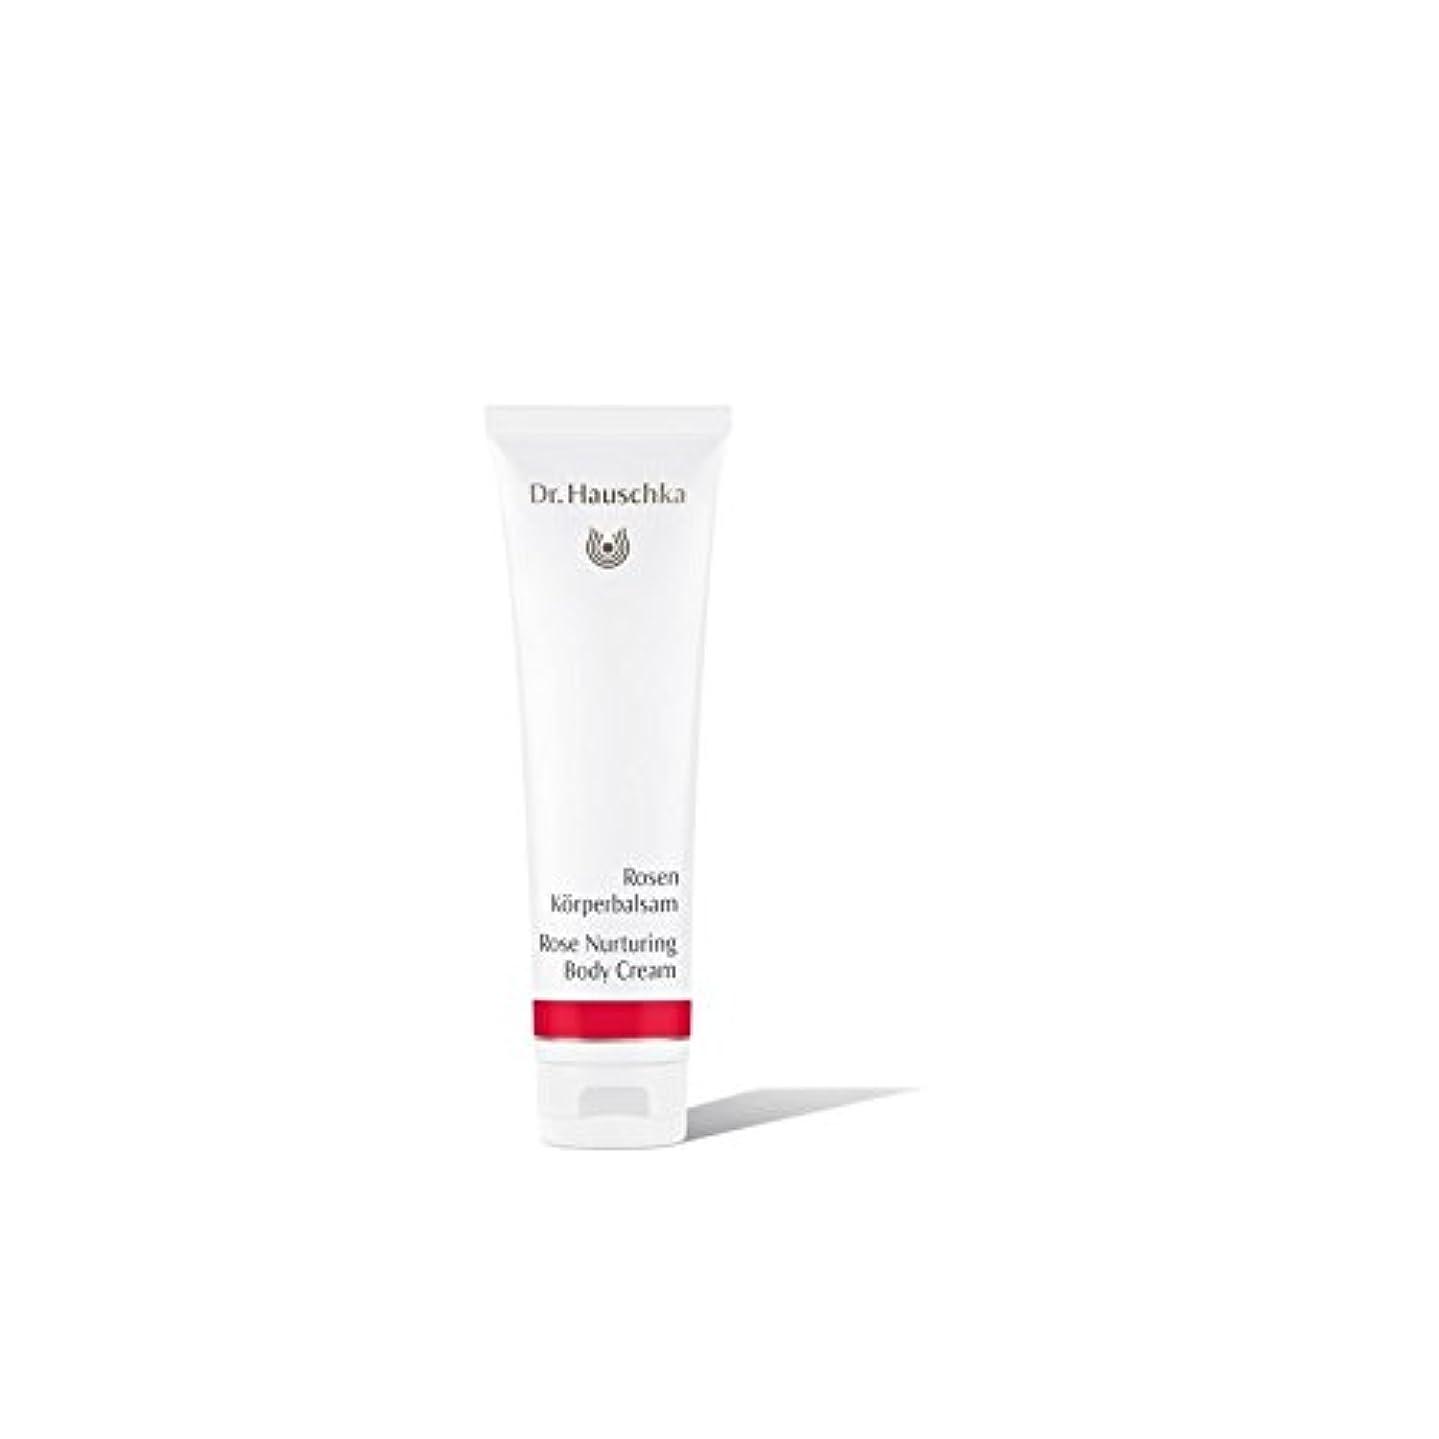 避難する合併日付Dr. Hauschka Rose Nurturing Body Cream (145ml) - ハウシュカは、ボディクリーム(145ミリリットル)を育成バラ [並行輸入品]